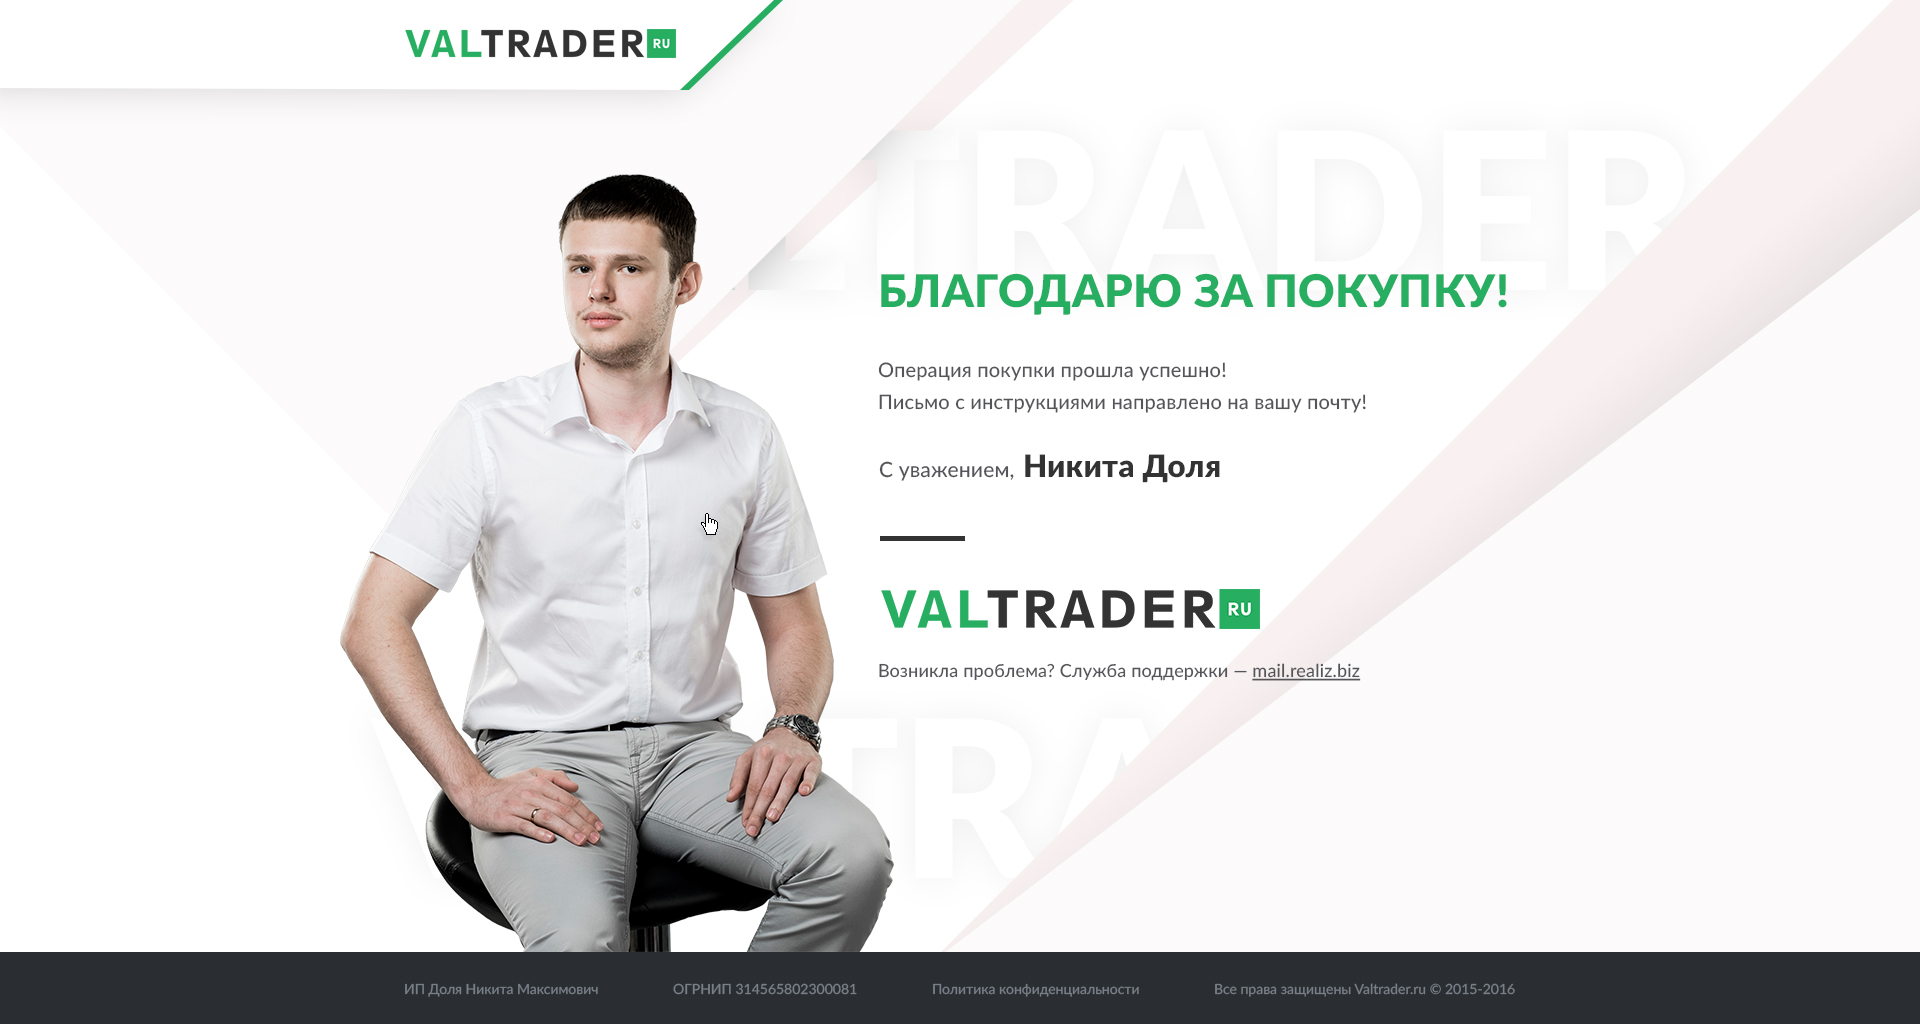 VALTRADER   5 Страниц   Адаптивность